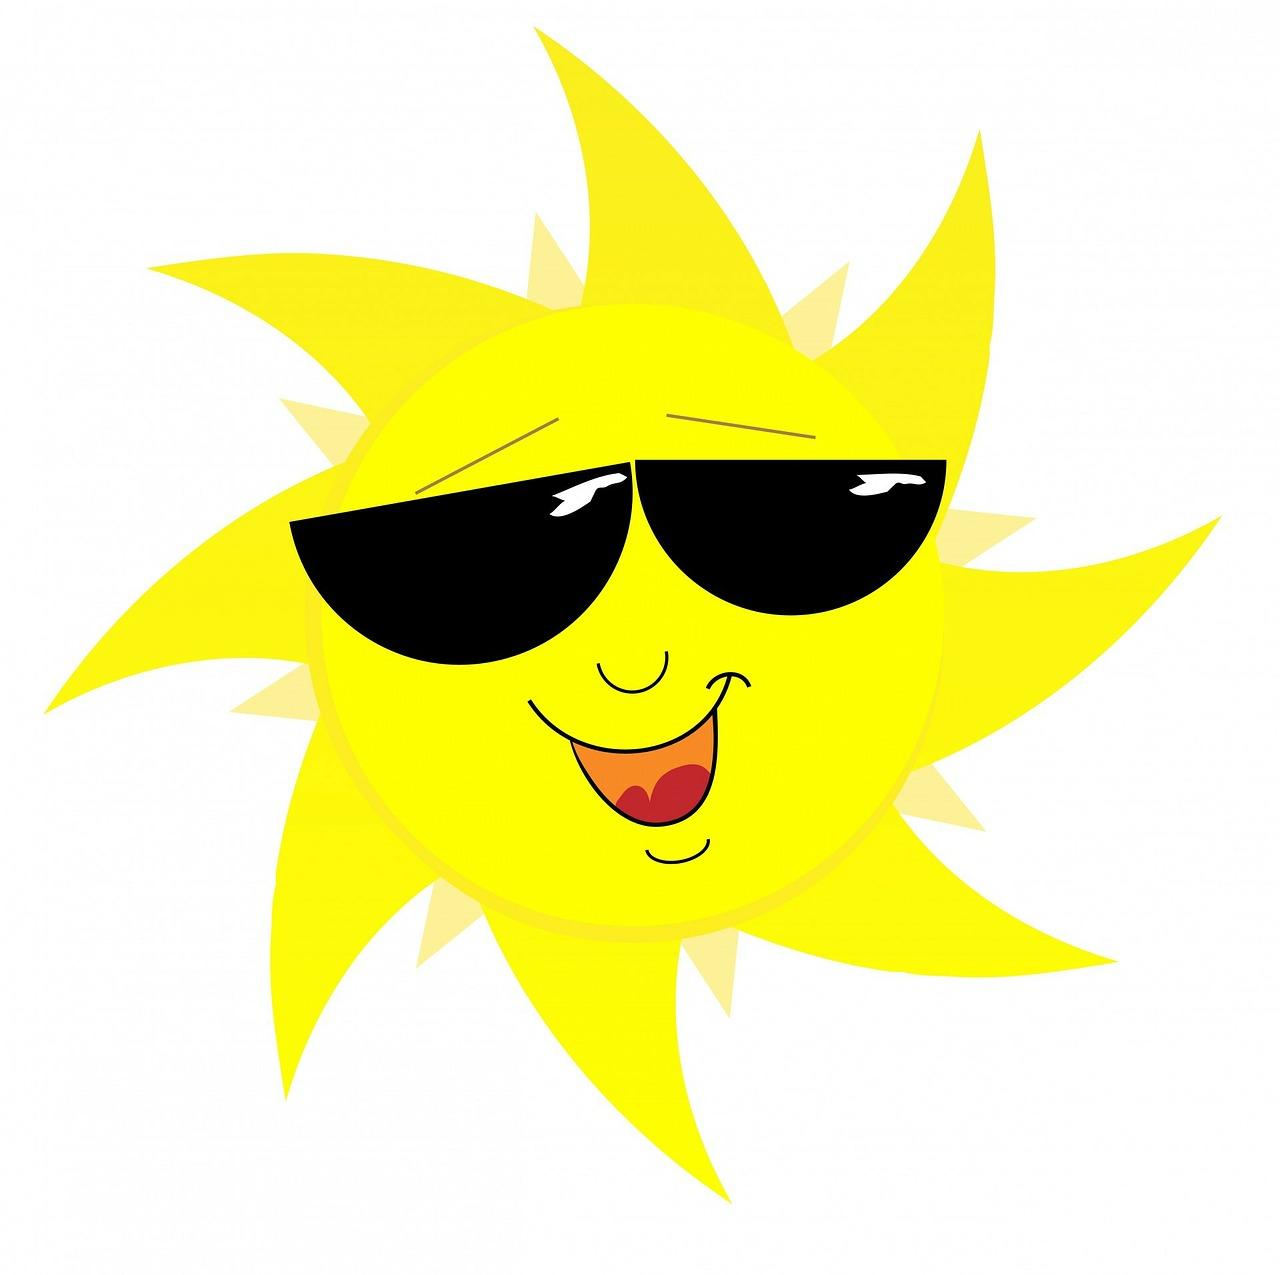 Matahari Wajah Tersenyum Gambar Gratis Di Pixabay